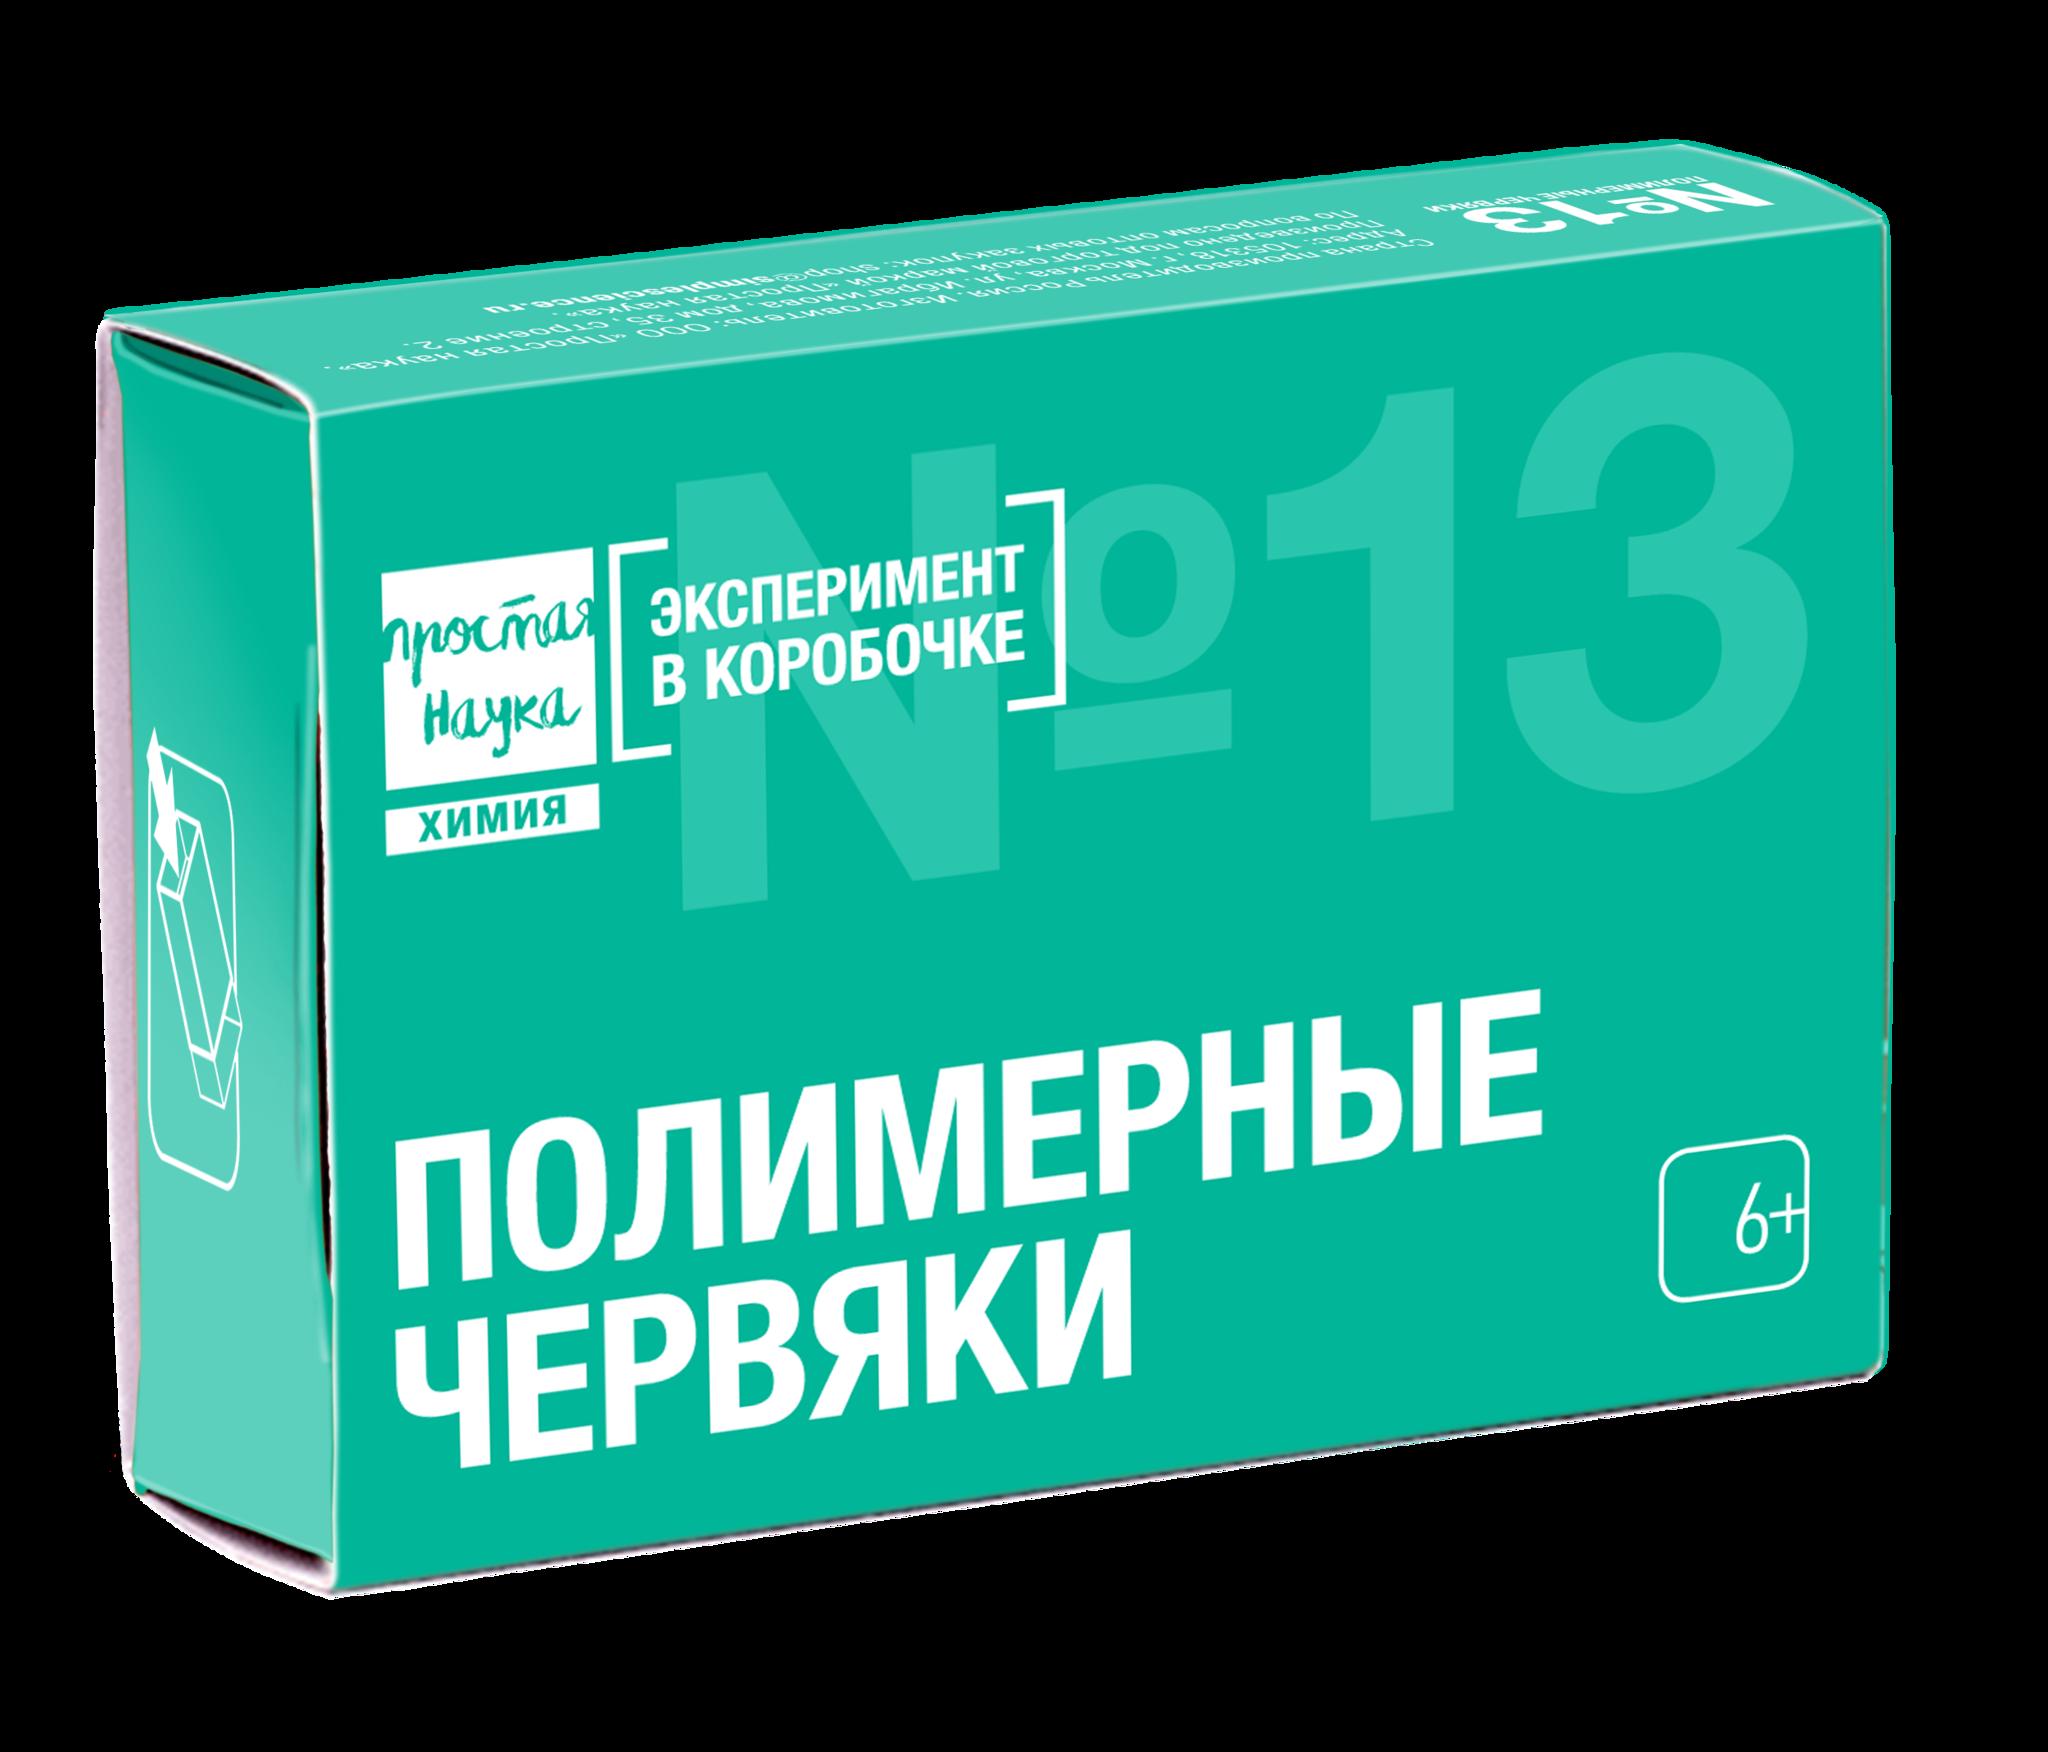 Набор №13 - Полимерные червяки - Эксперимент в коробочке - Простая Наука